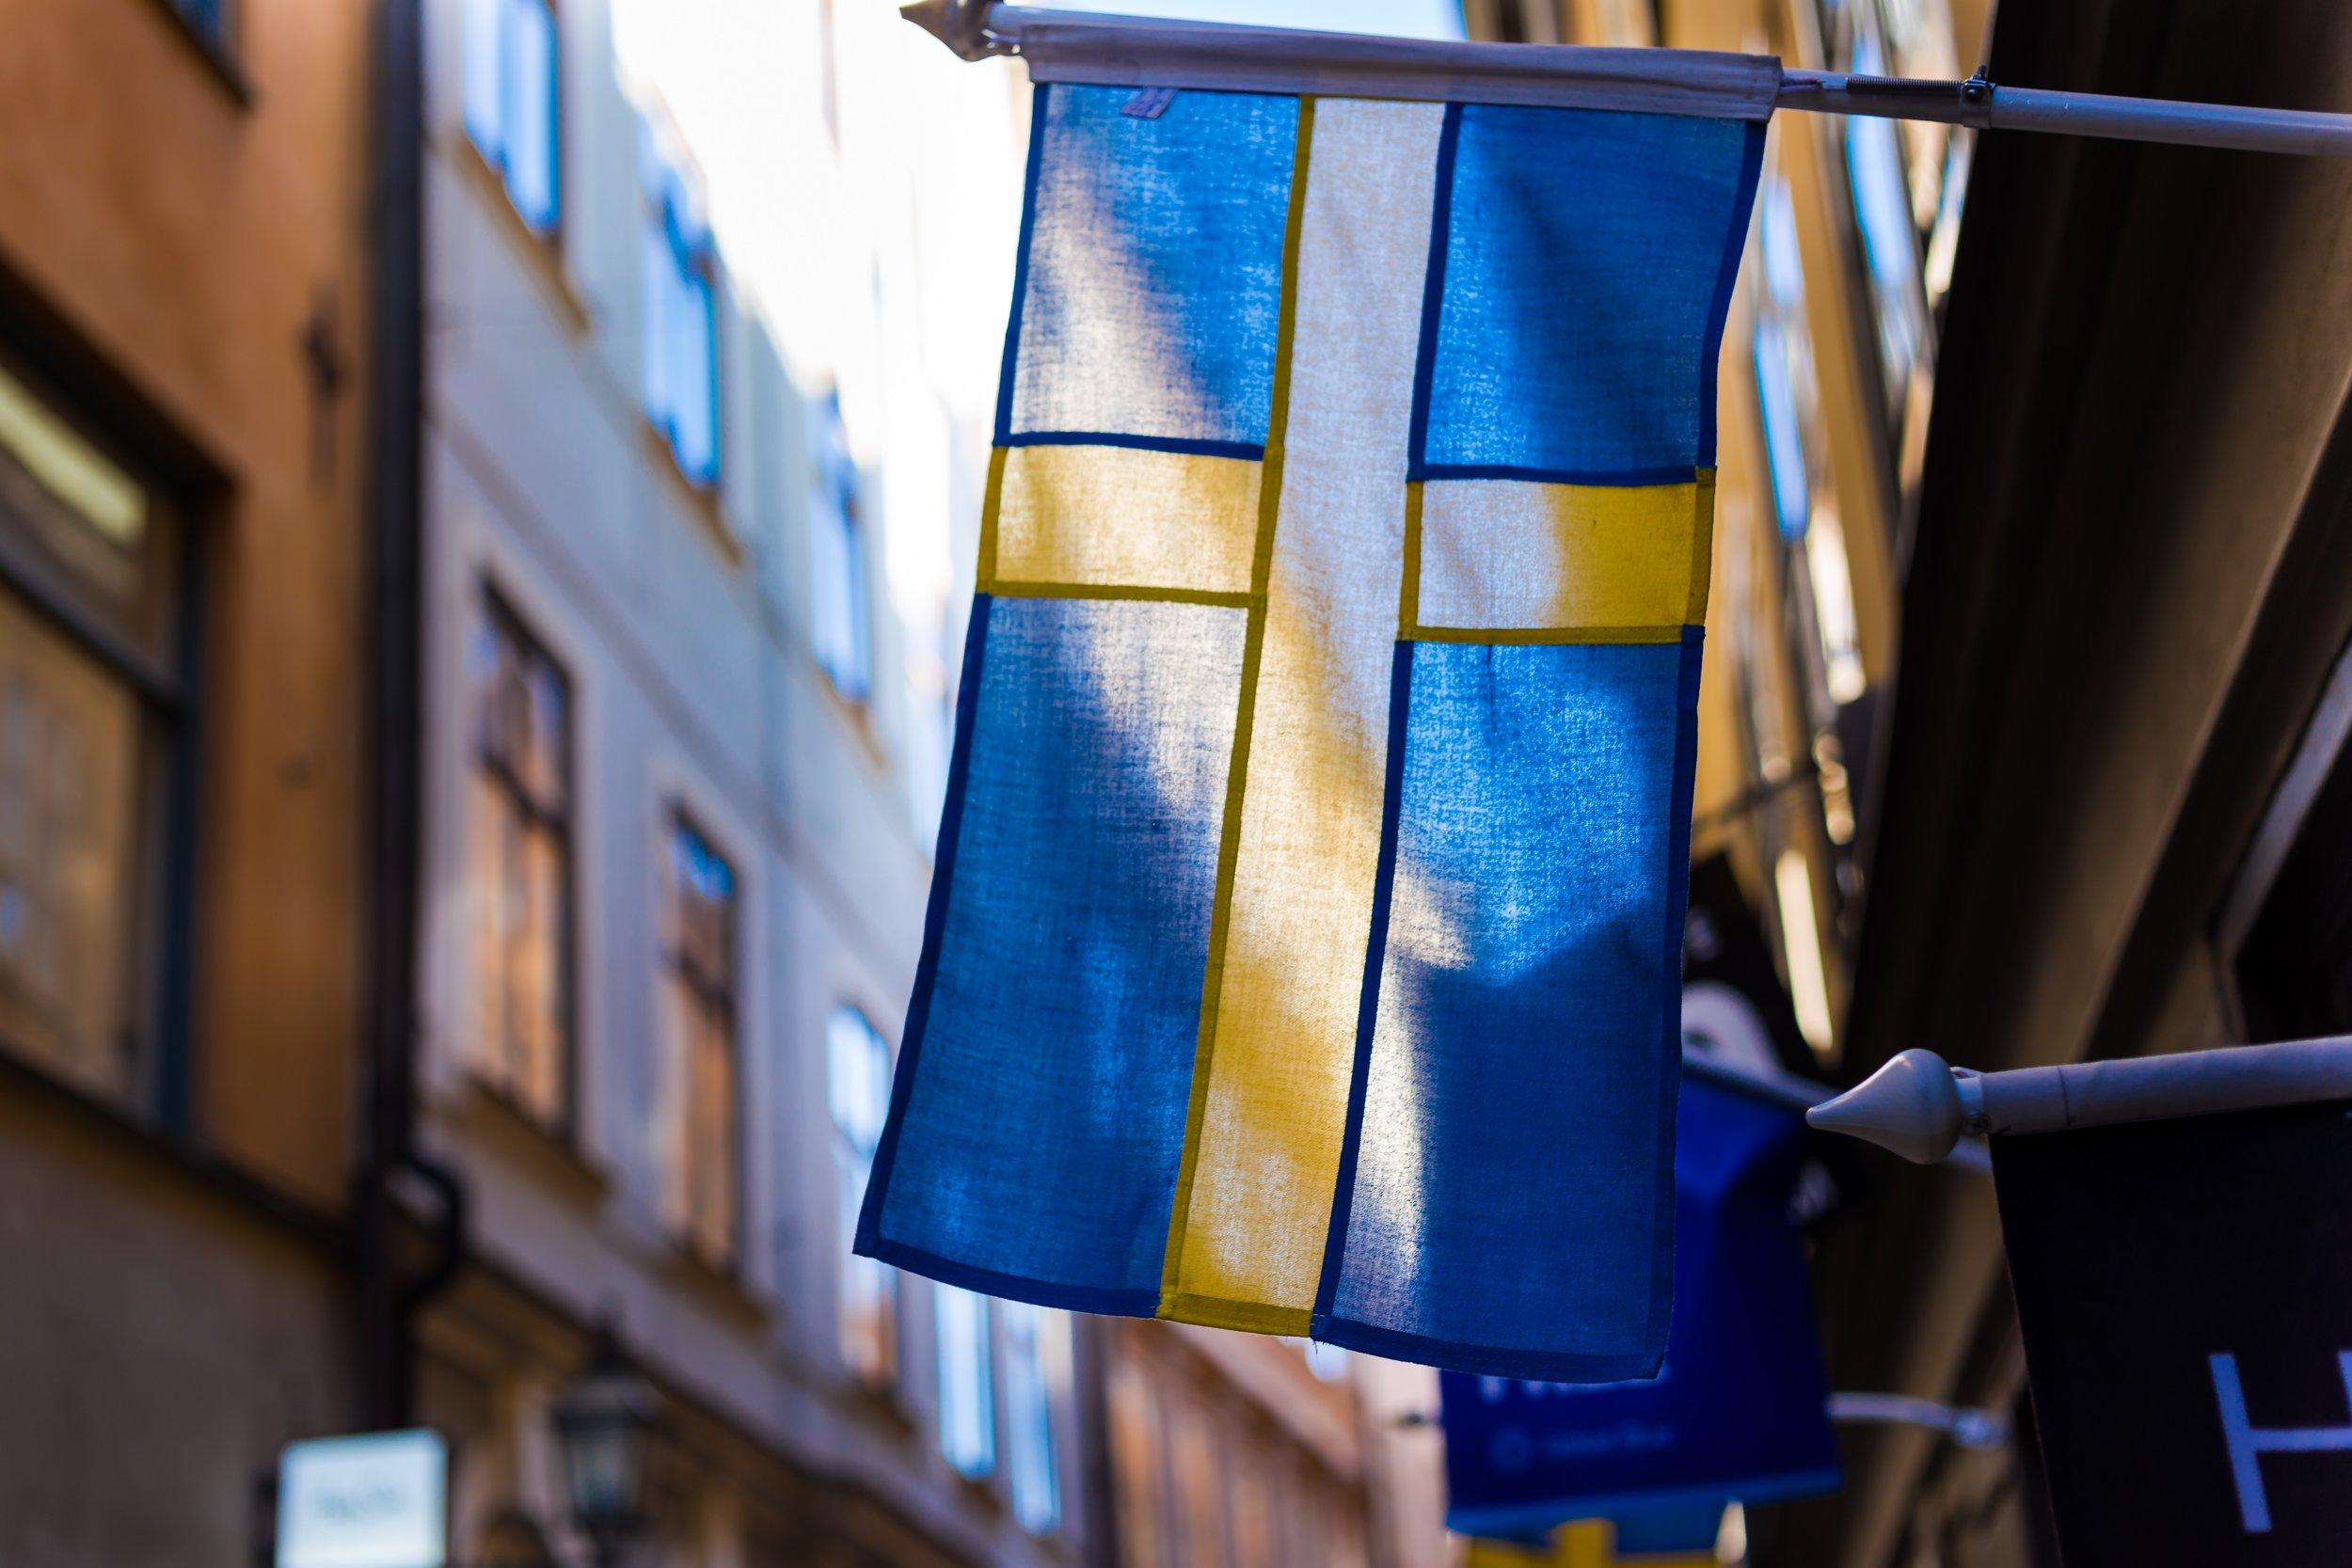 Svøríki - Svenska Socialdepartementet varðar av javnstøðu. Tó hevur Svøríki við lóg bundið seg til javnstøðuintegrering á øllum økjum (gender mainstreaming/samtáttan), og tí arbeiða øll ráð við javnstøðu á sínum serliga viðkomandi øki.